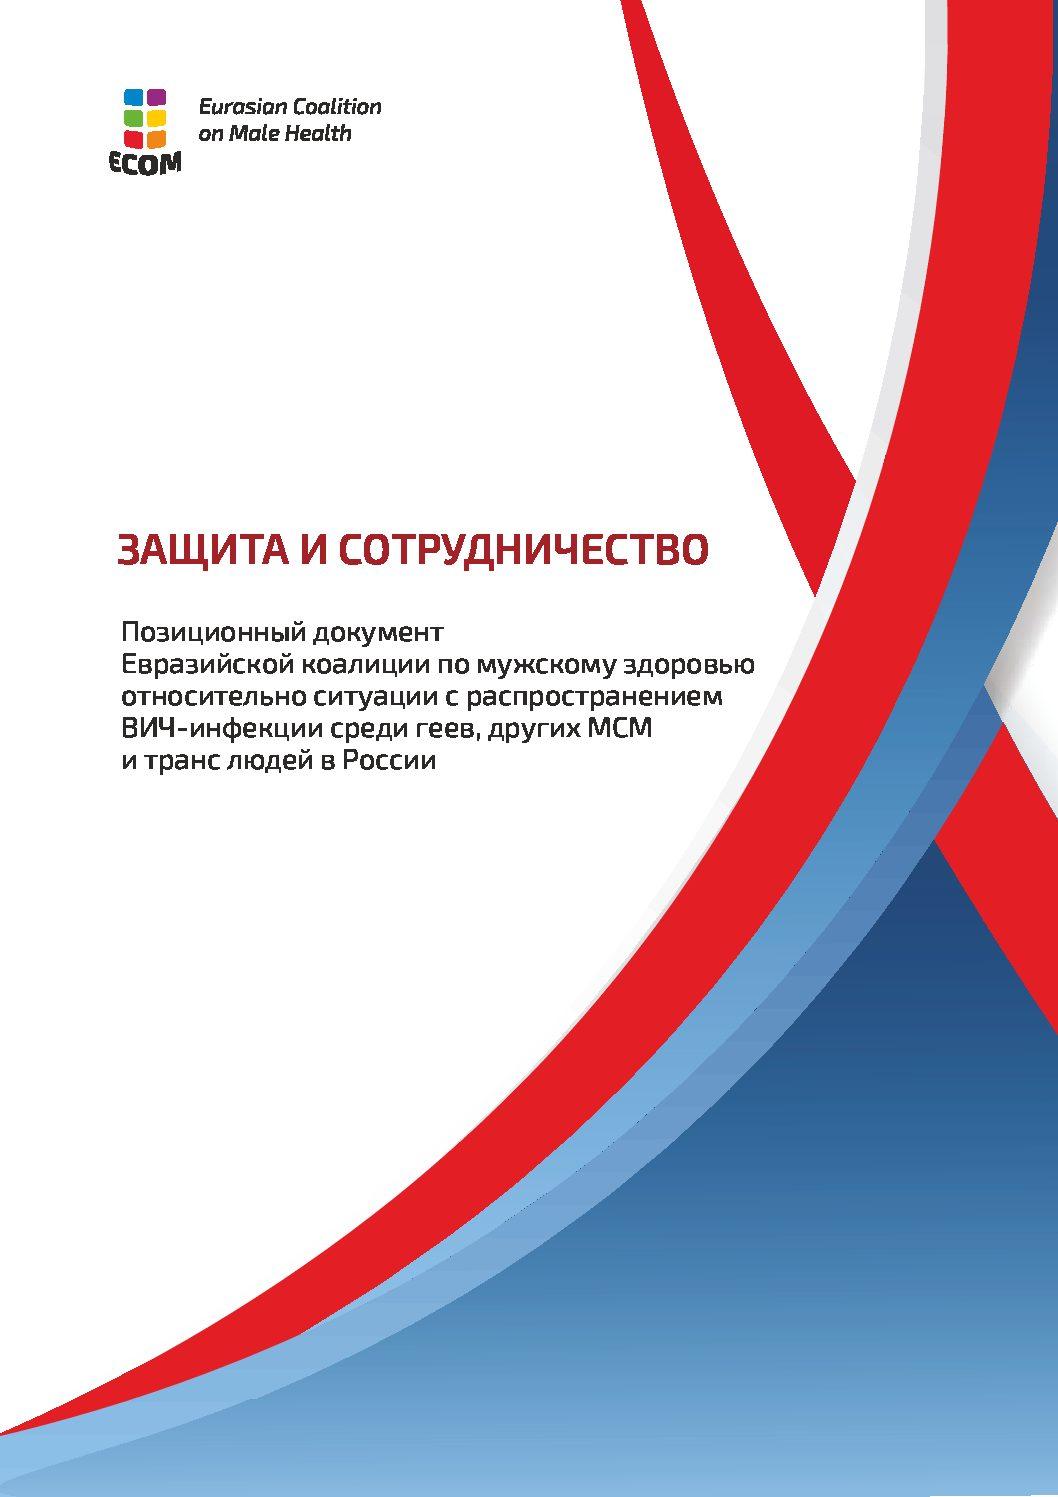 Защита и сотрудничество. Позиционный документ Евразийской коалиции по мужскому здоровью относительно ситуации с распространением ВИЧ-инфекции среди геев, других МСМ и транс людей в России